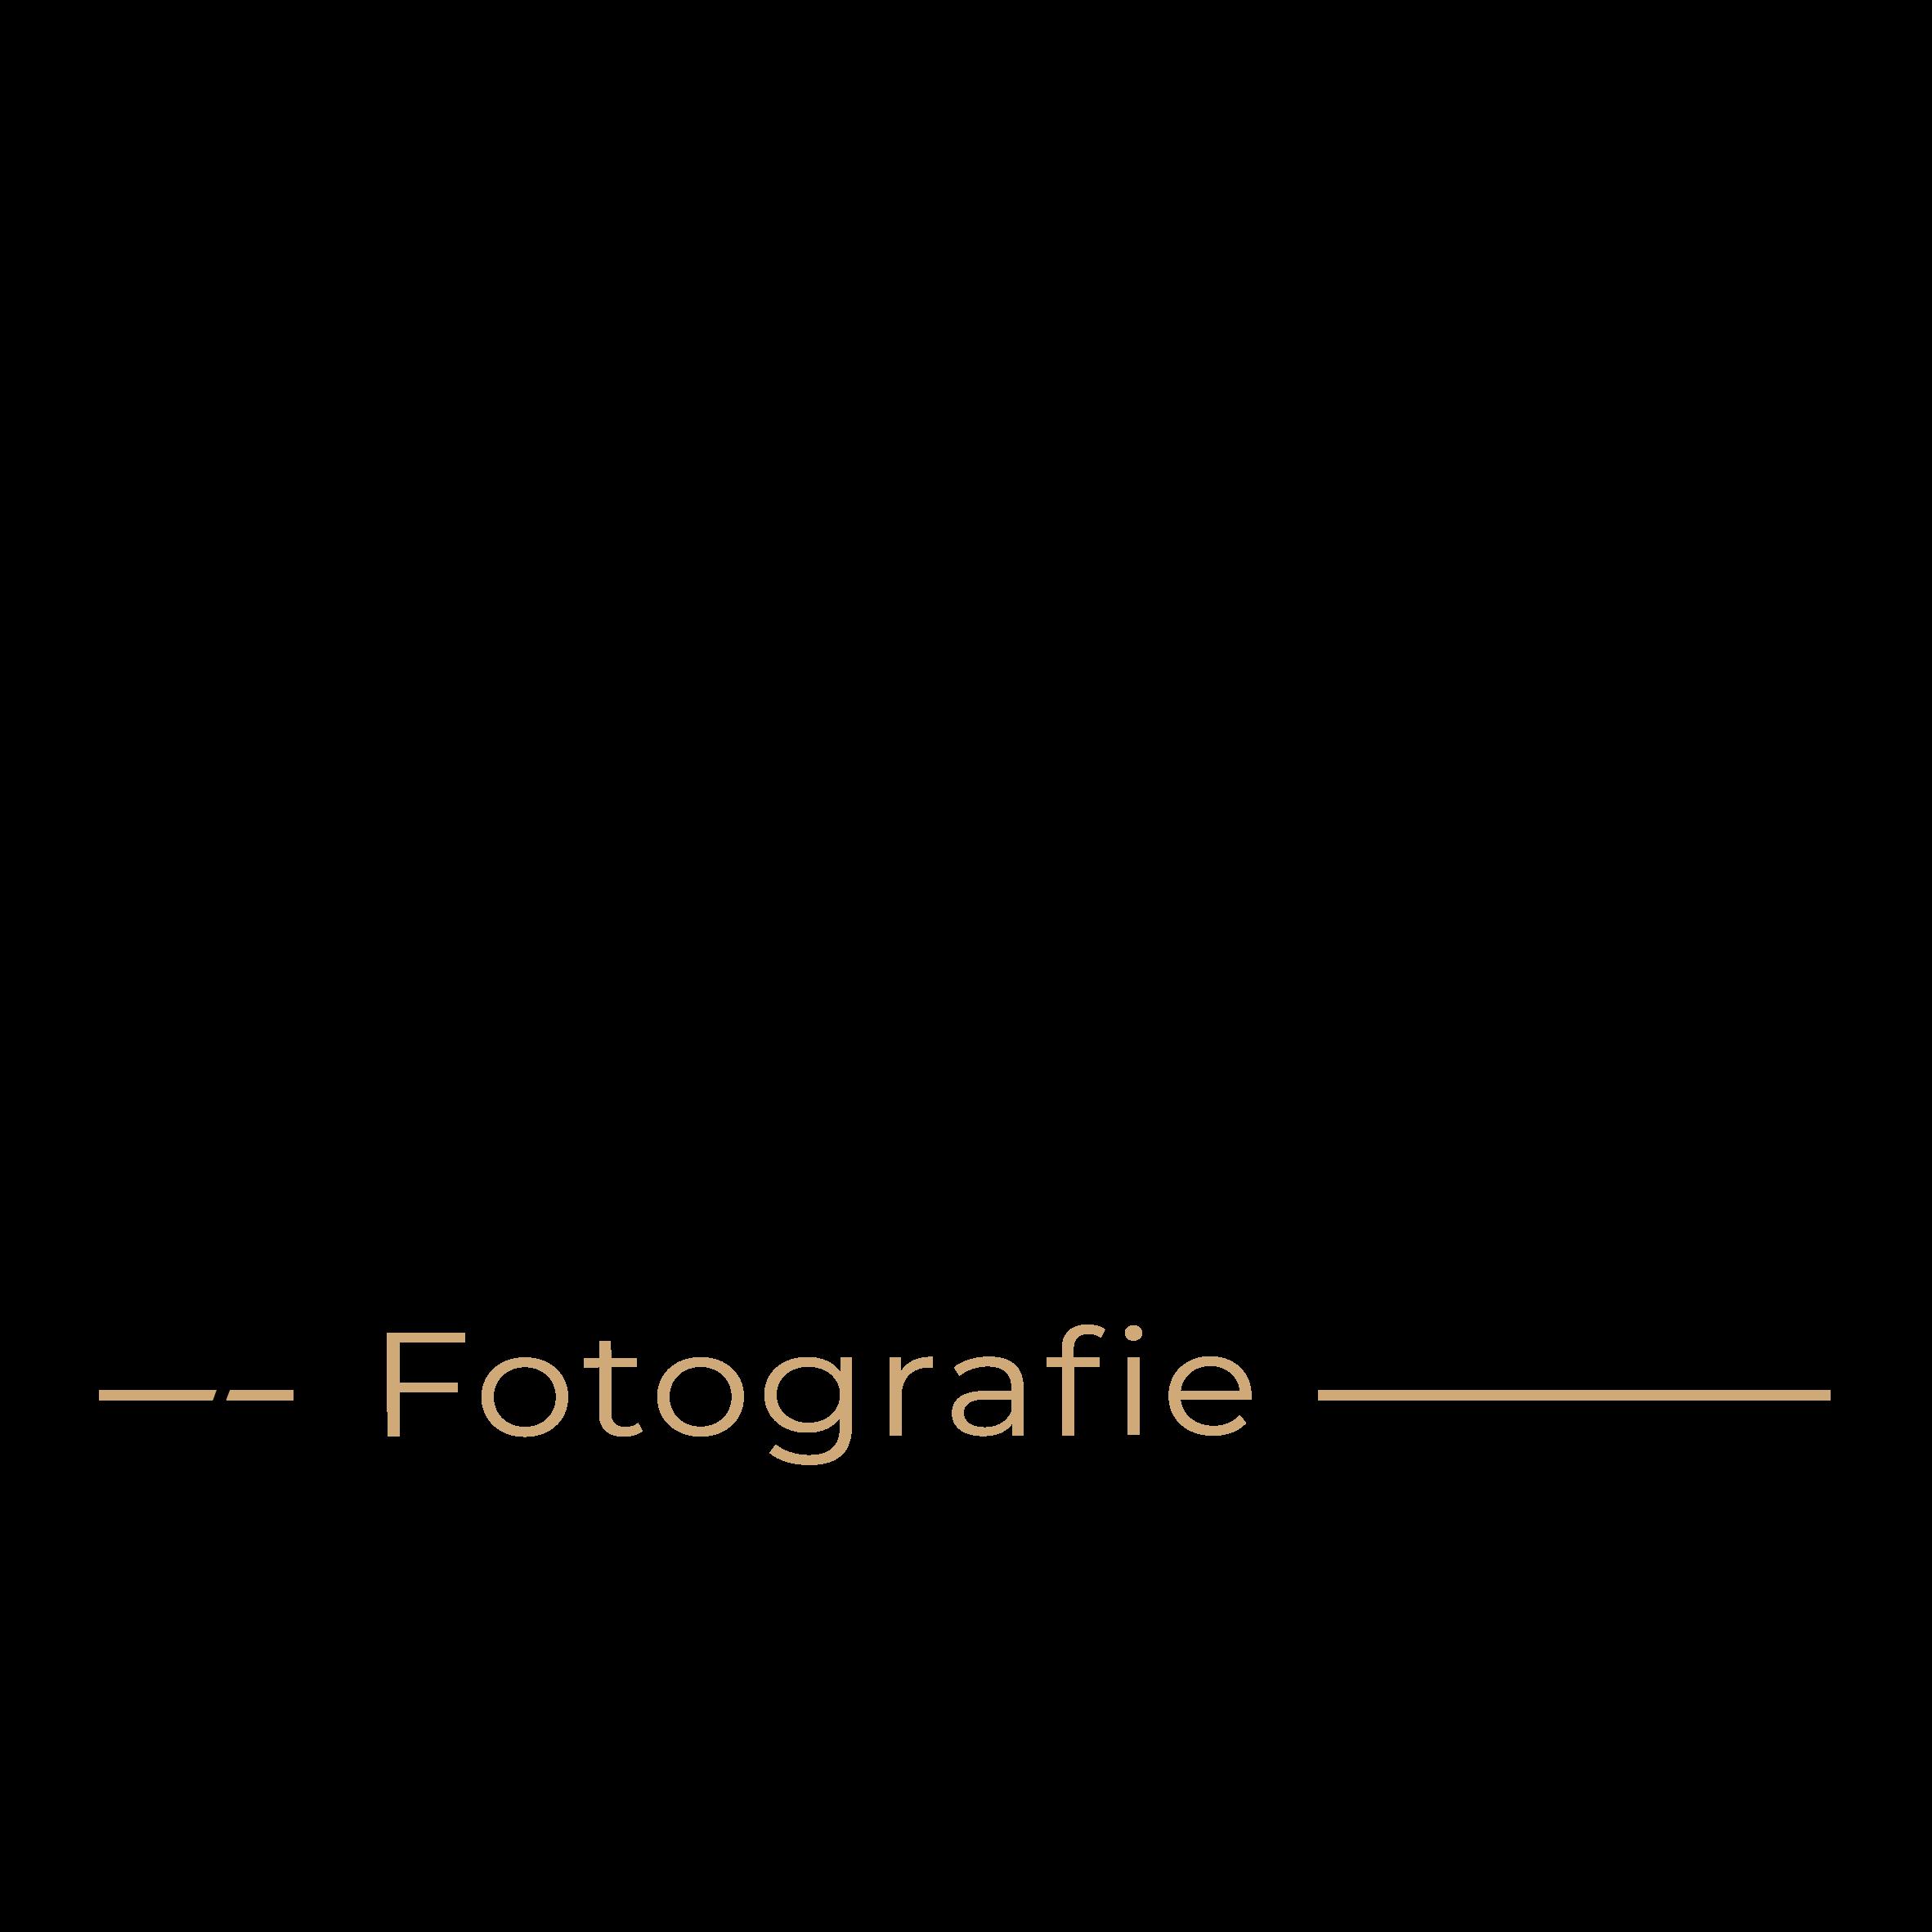 Fotografie Grindinger